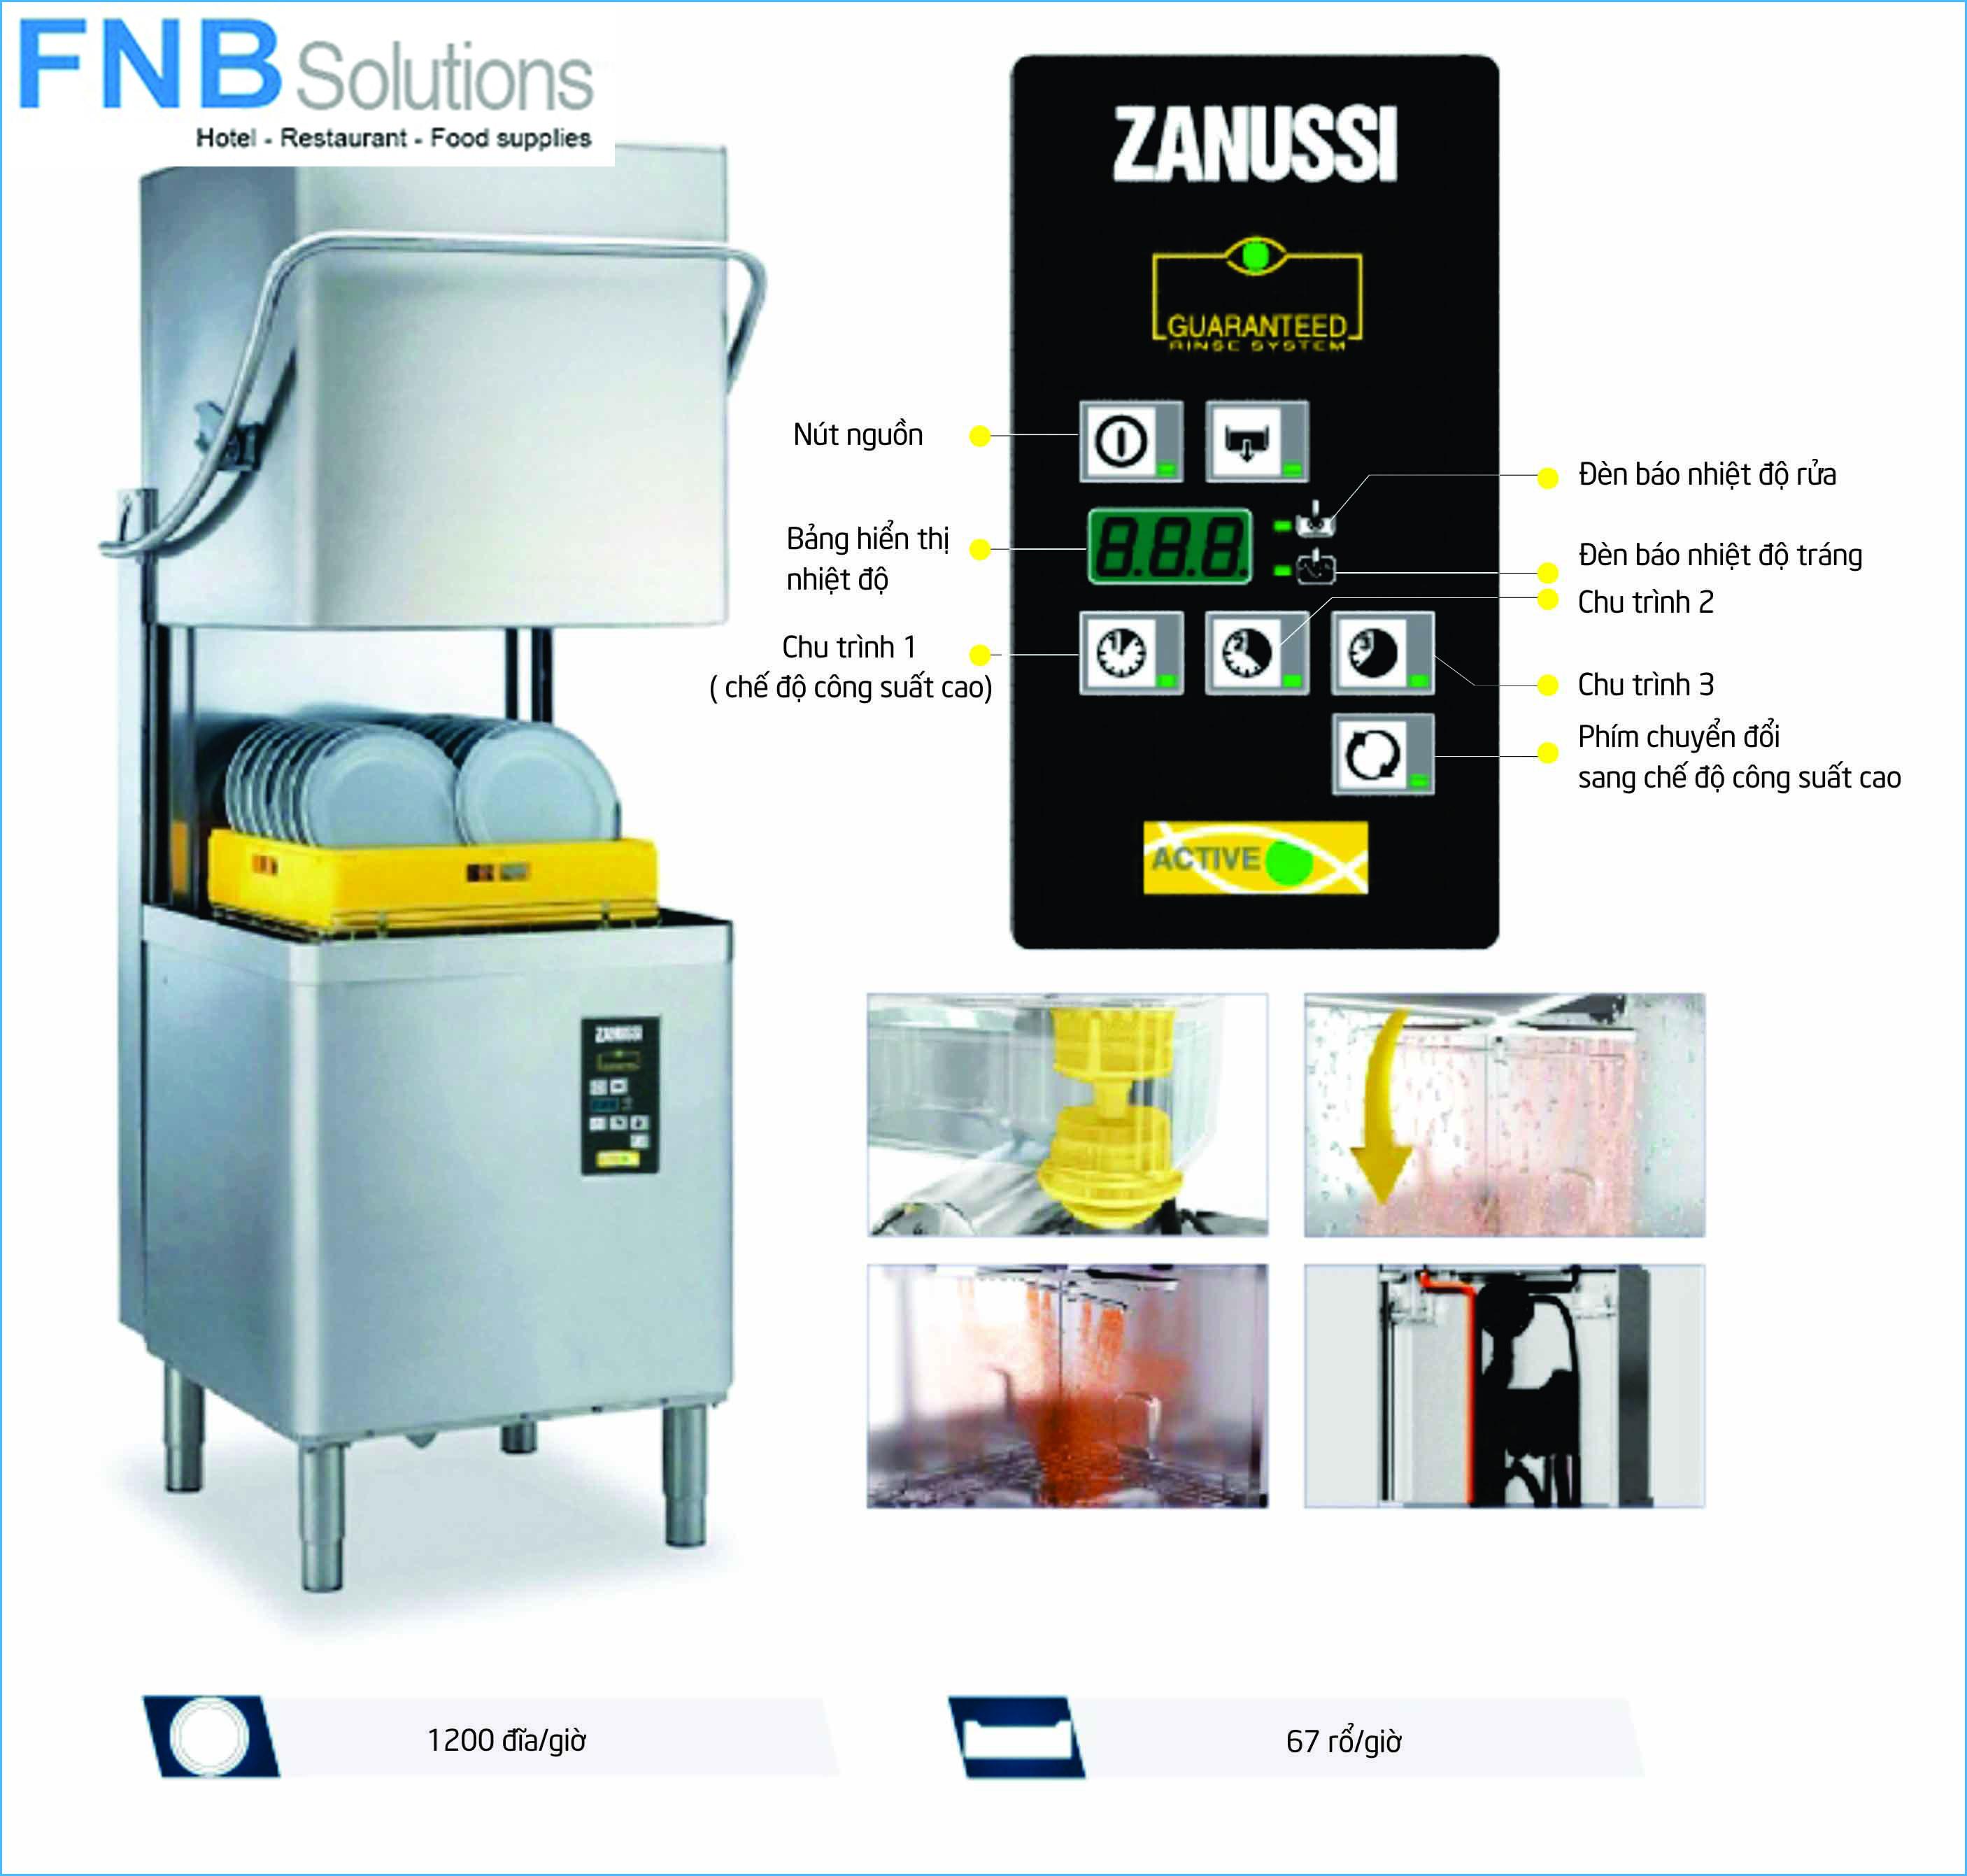 Tư vấn lựa chọn máy rửa bát Zanussi tiết kiệm chi phí cho nhà bếp công nghiệp